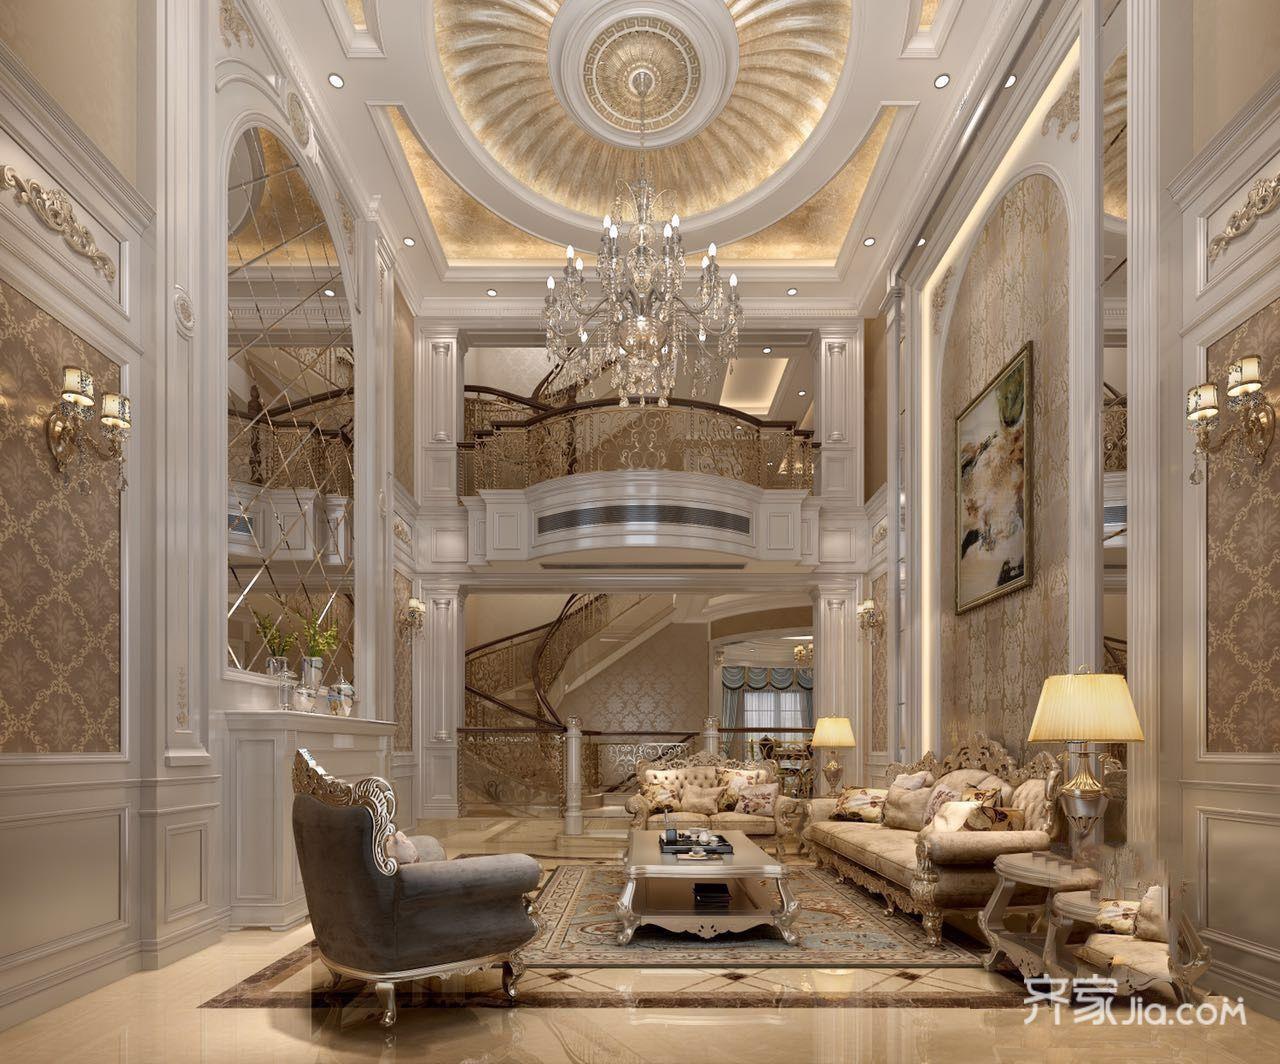 大户型豪华欧式别墅客厅装修效果图